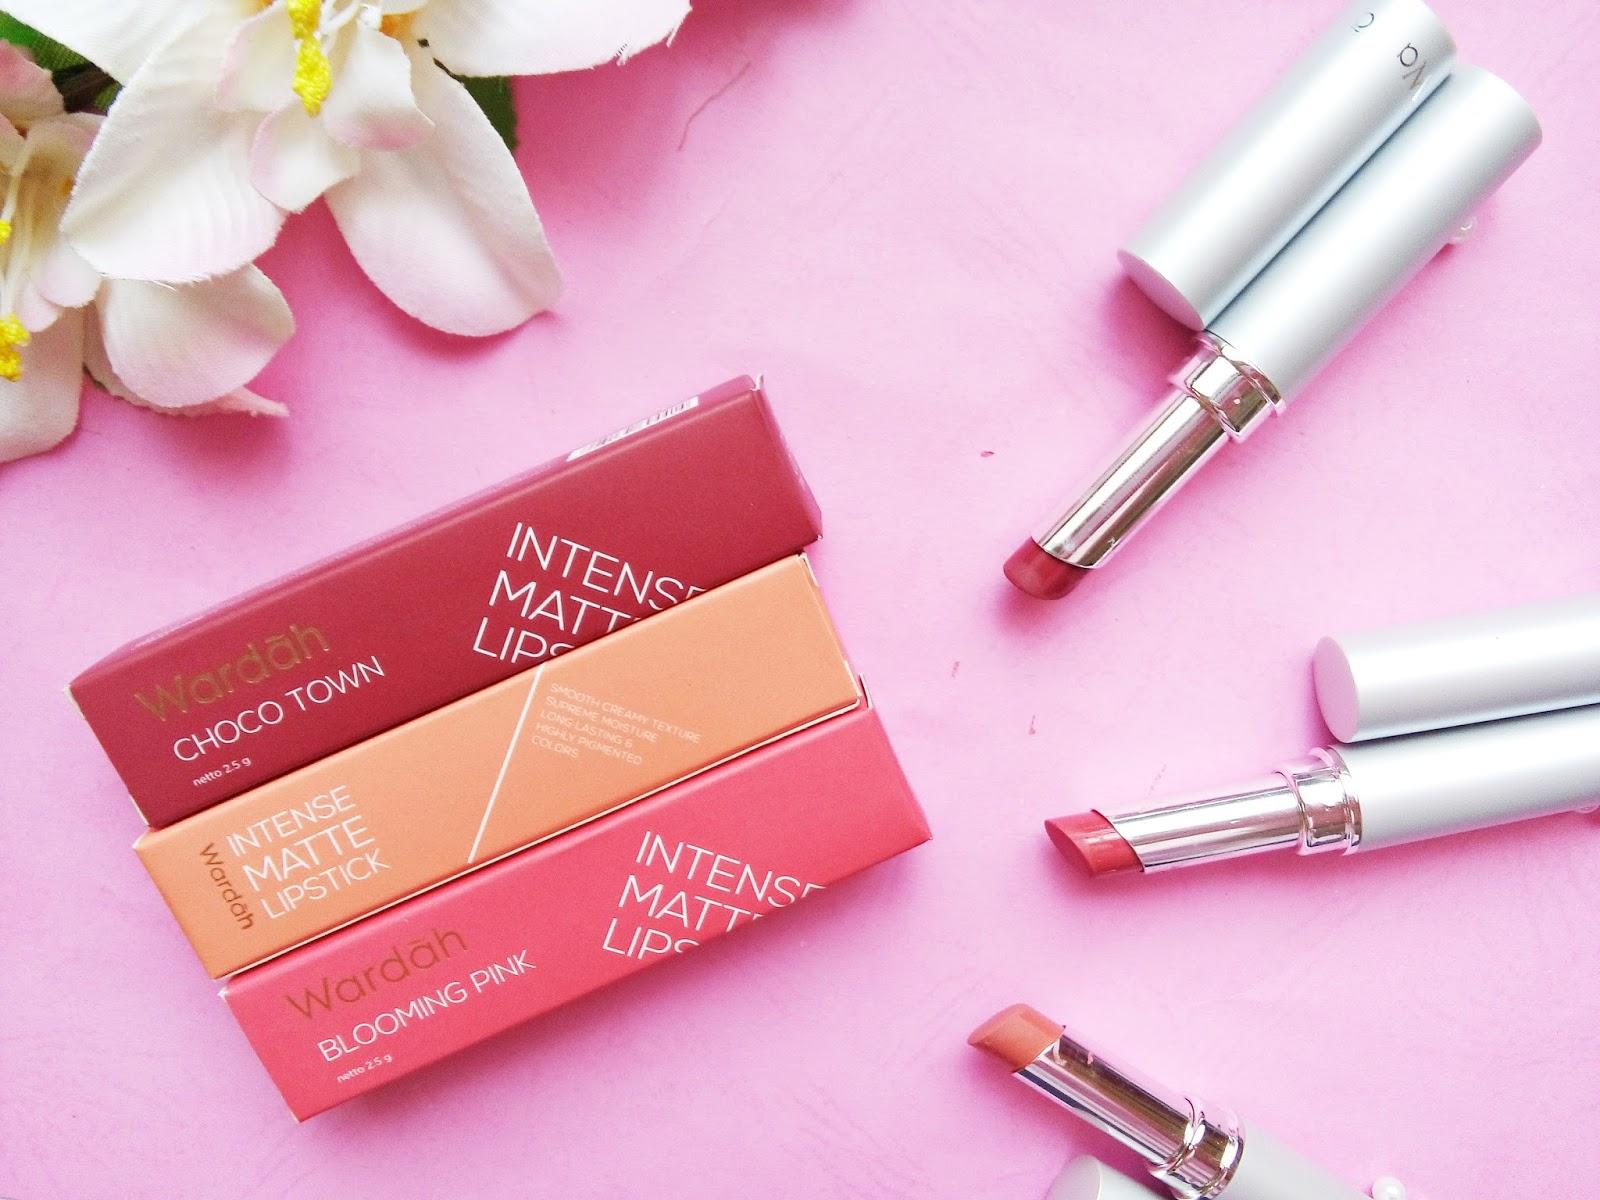 Box packagingnya cantik ban beda dengan kemasan produk lipstick Wardah yang biasanya Karena box